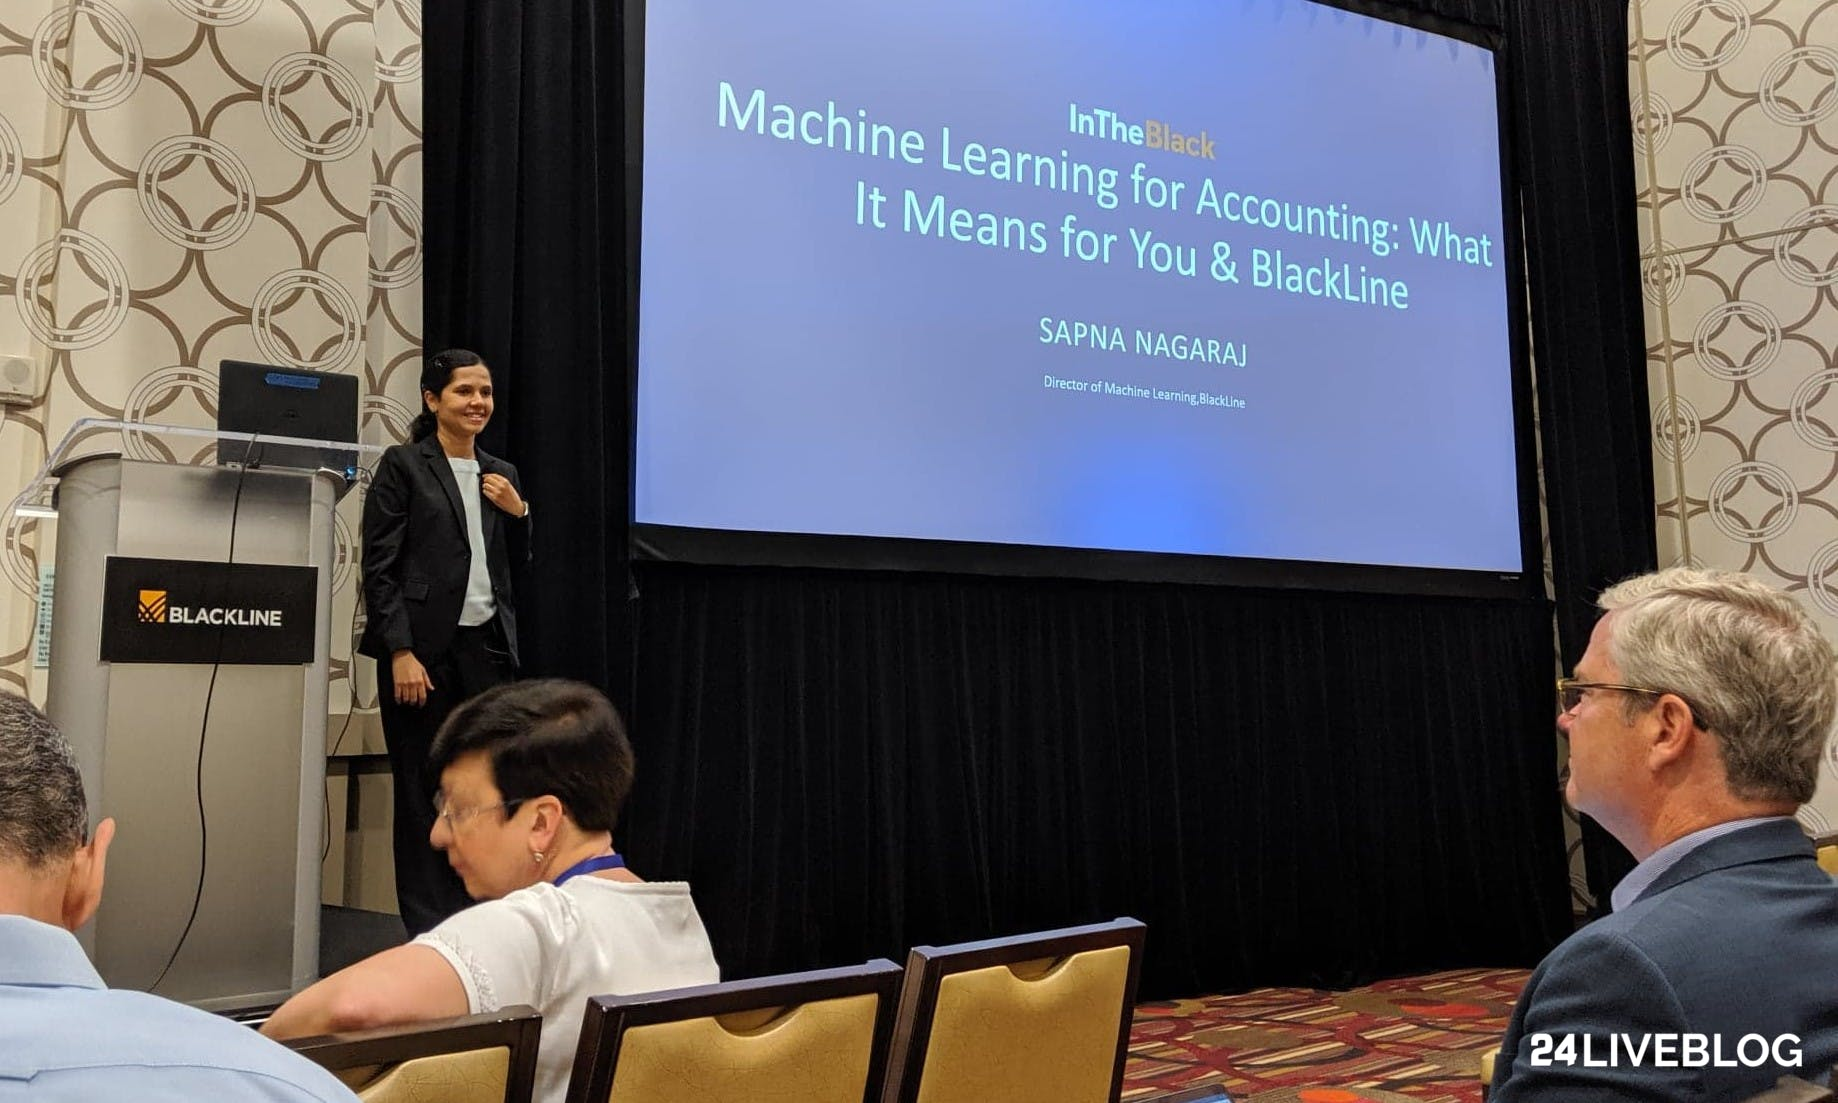 InTheBlack Machine Learning for Accounting Image | BlackLine Magazine